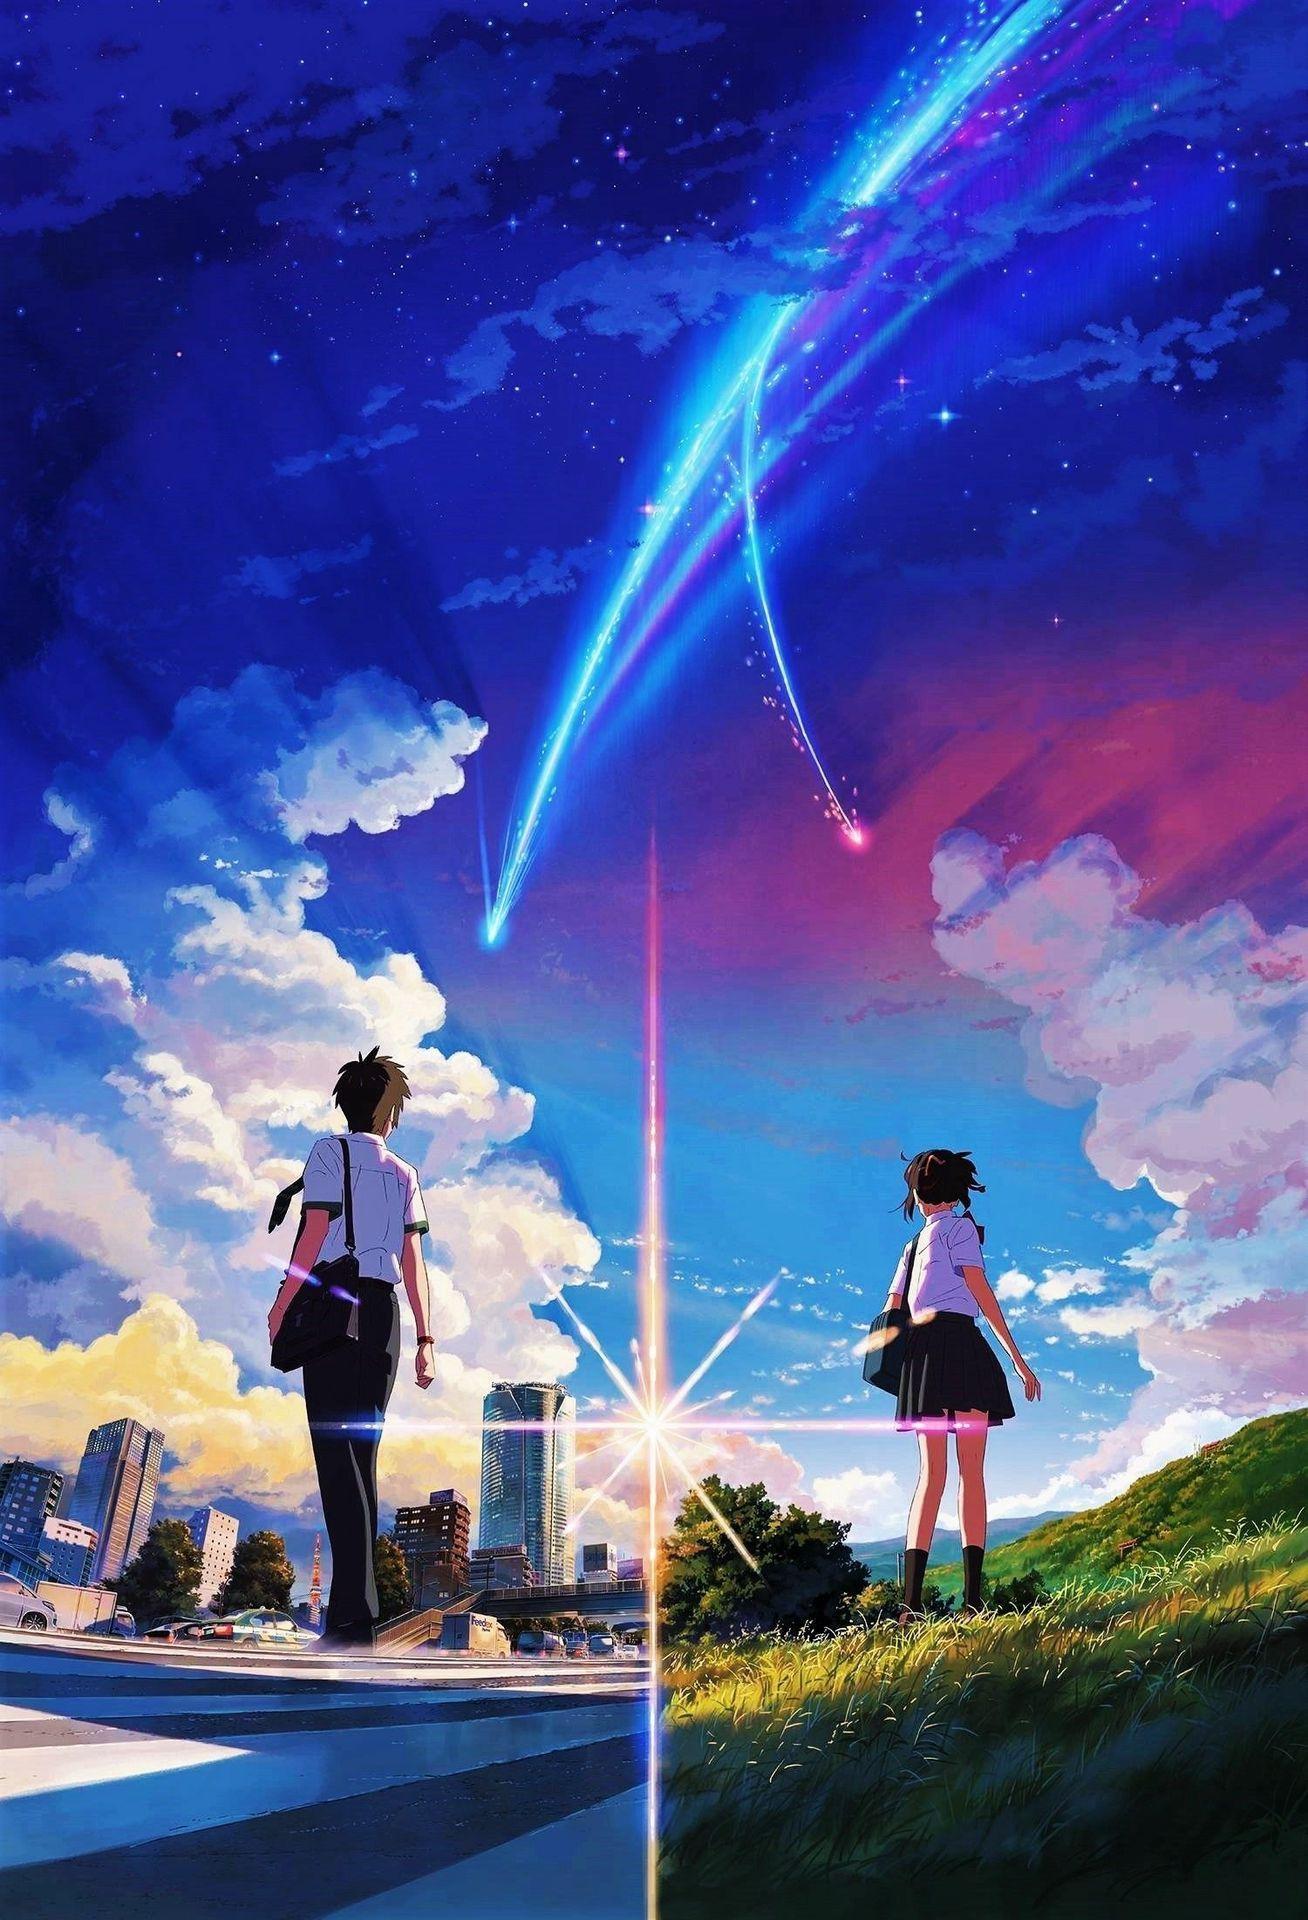 Fondos de pantalla anime - kimi no nawa